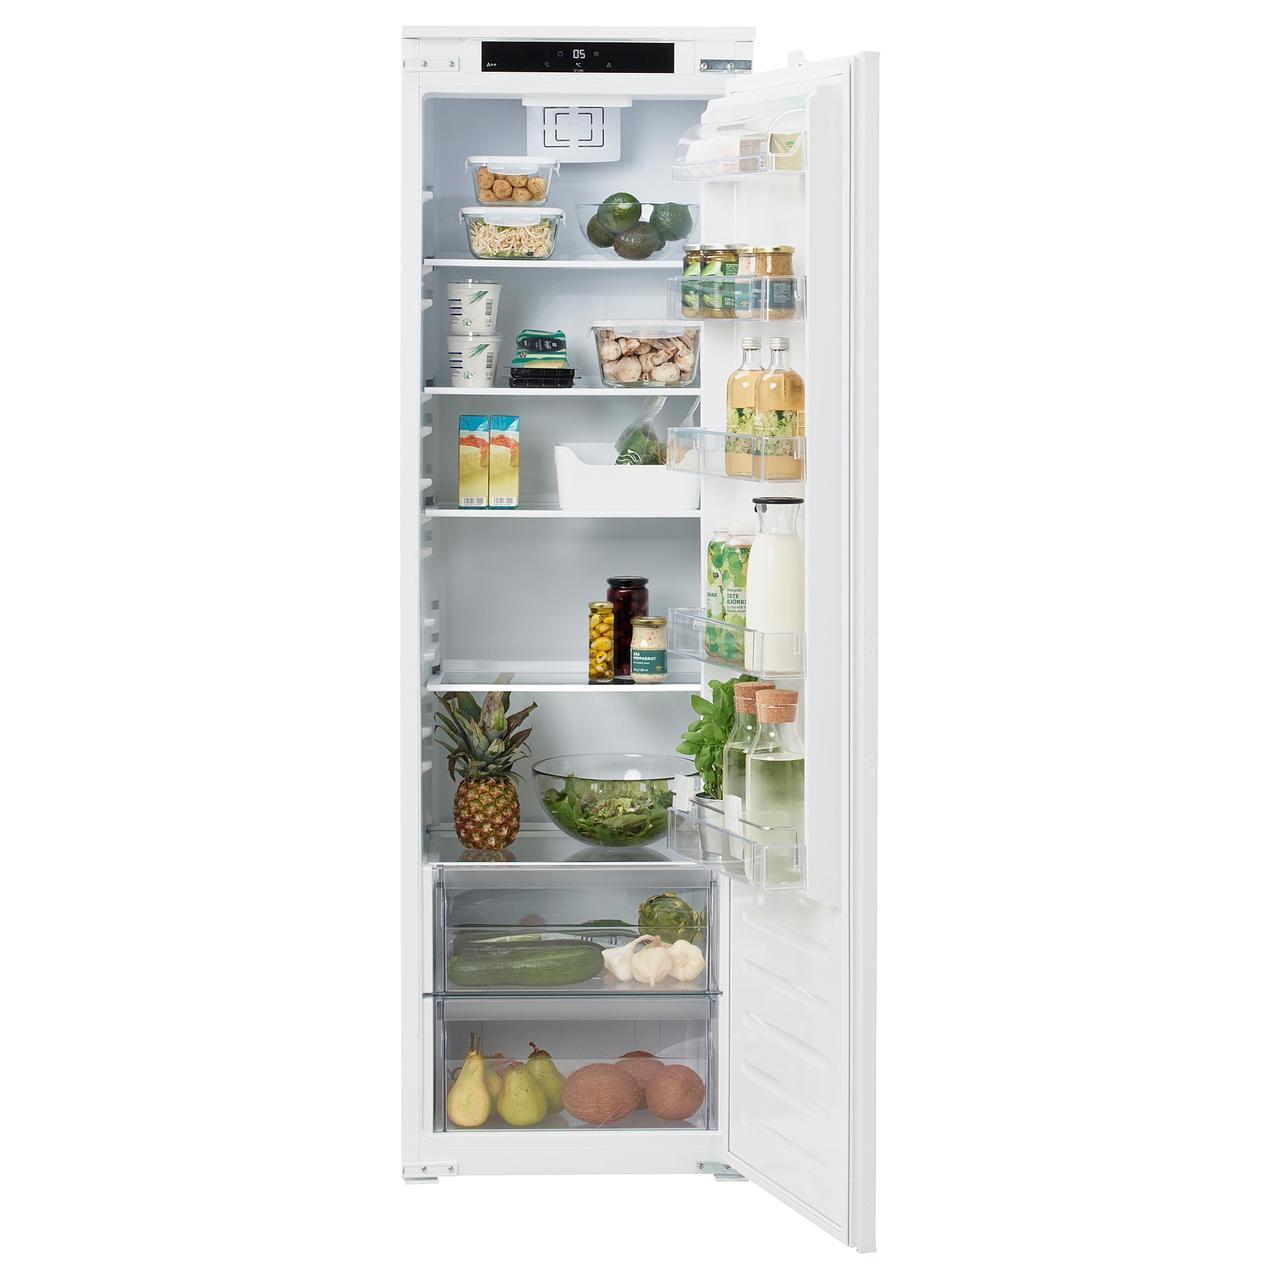 ФРОСТИГ Встраиваемый холодильник А+, белый